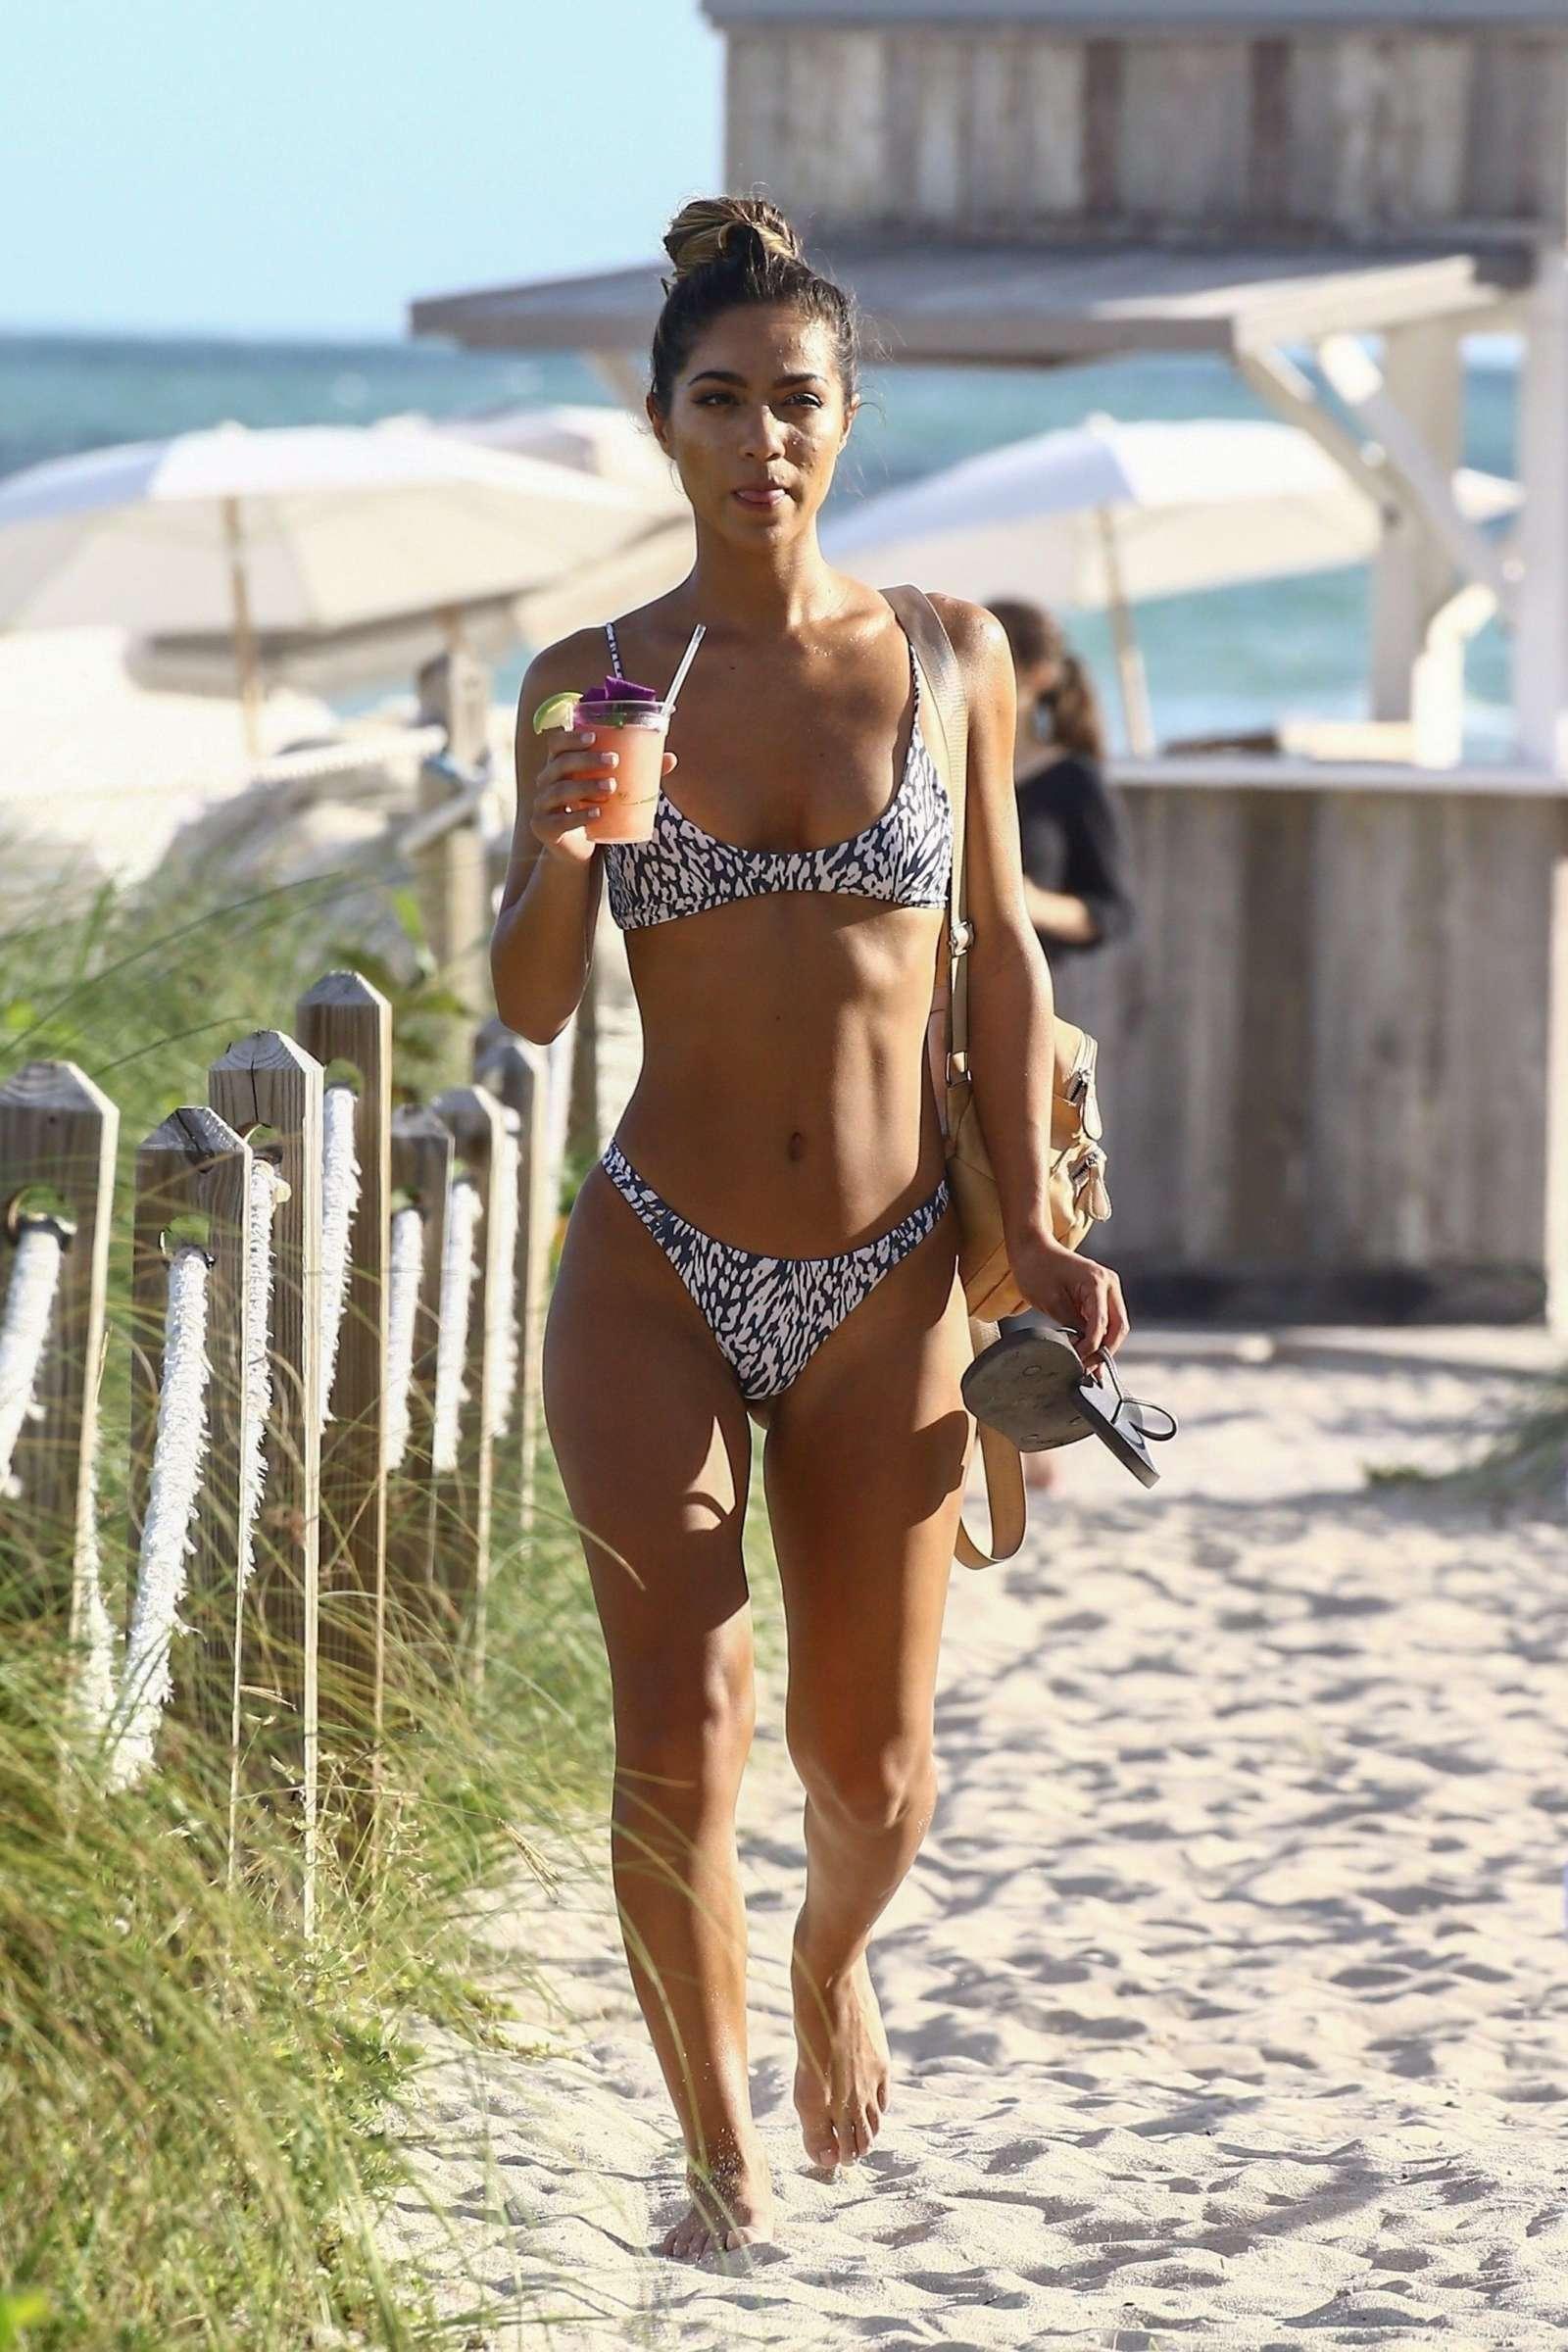 Cleavage Erika Wheaton nudes (27 foto and video), Sexy, Bikini, Twitter, in bikini 2018